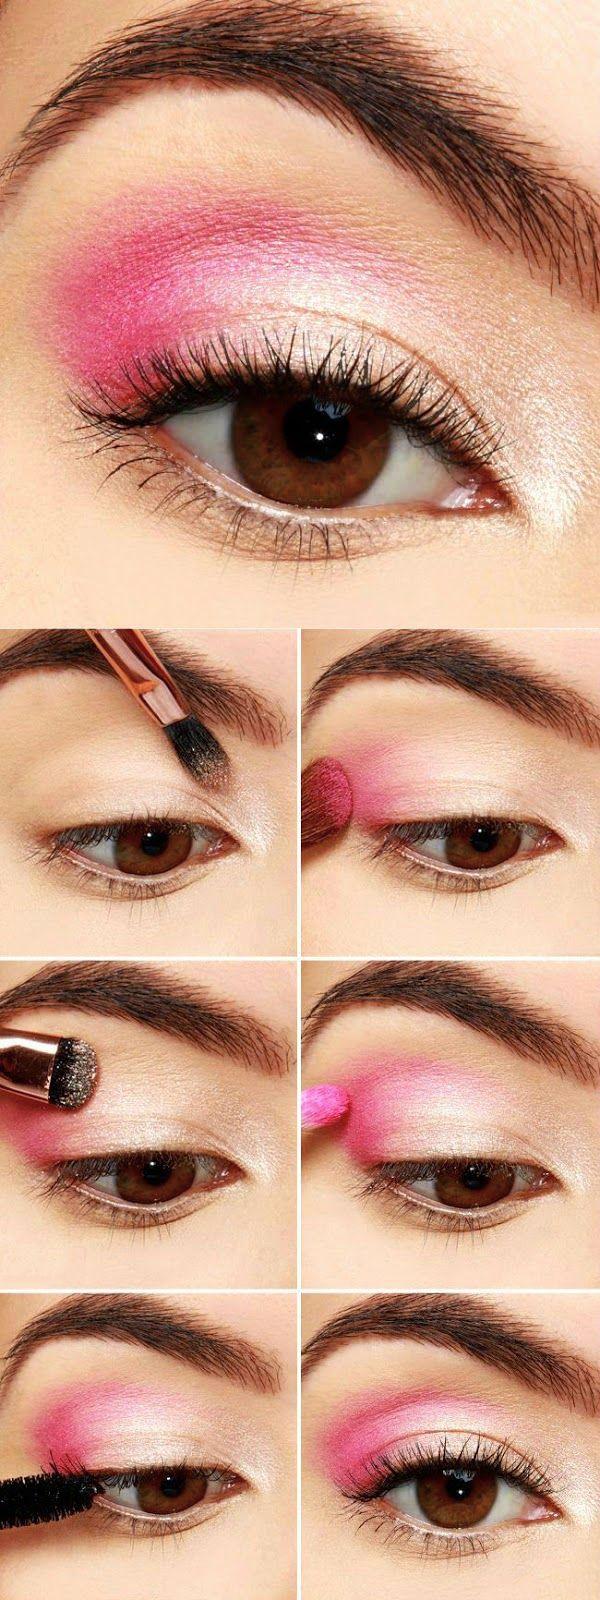 Maquillaje paso a paso como combinar maquillaje de ojo y el color - 20 Trucos De Maquillaje Para Lograr Unas Sombras Envidiables Especial Para Las Amantes Del Color